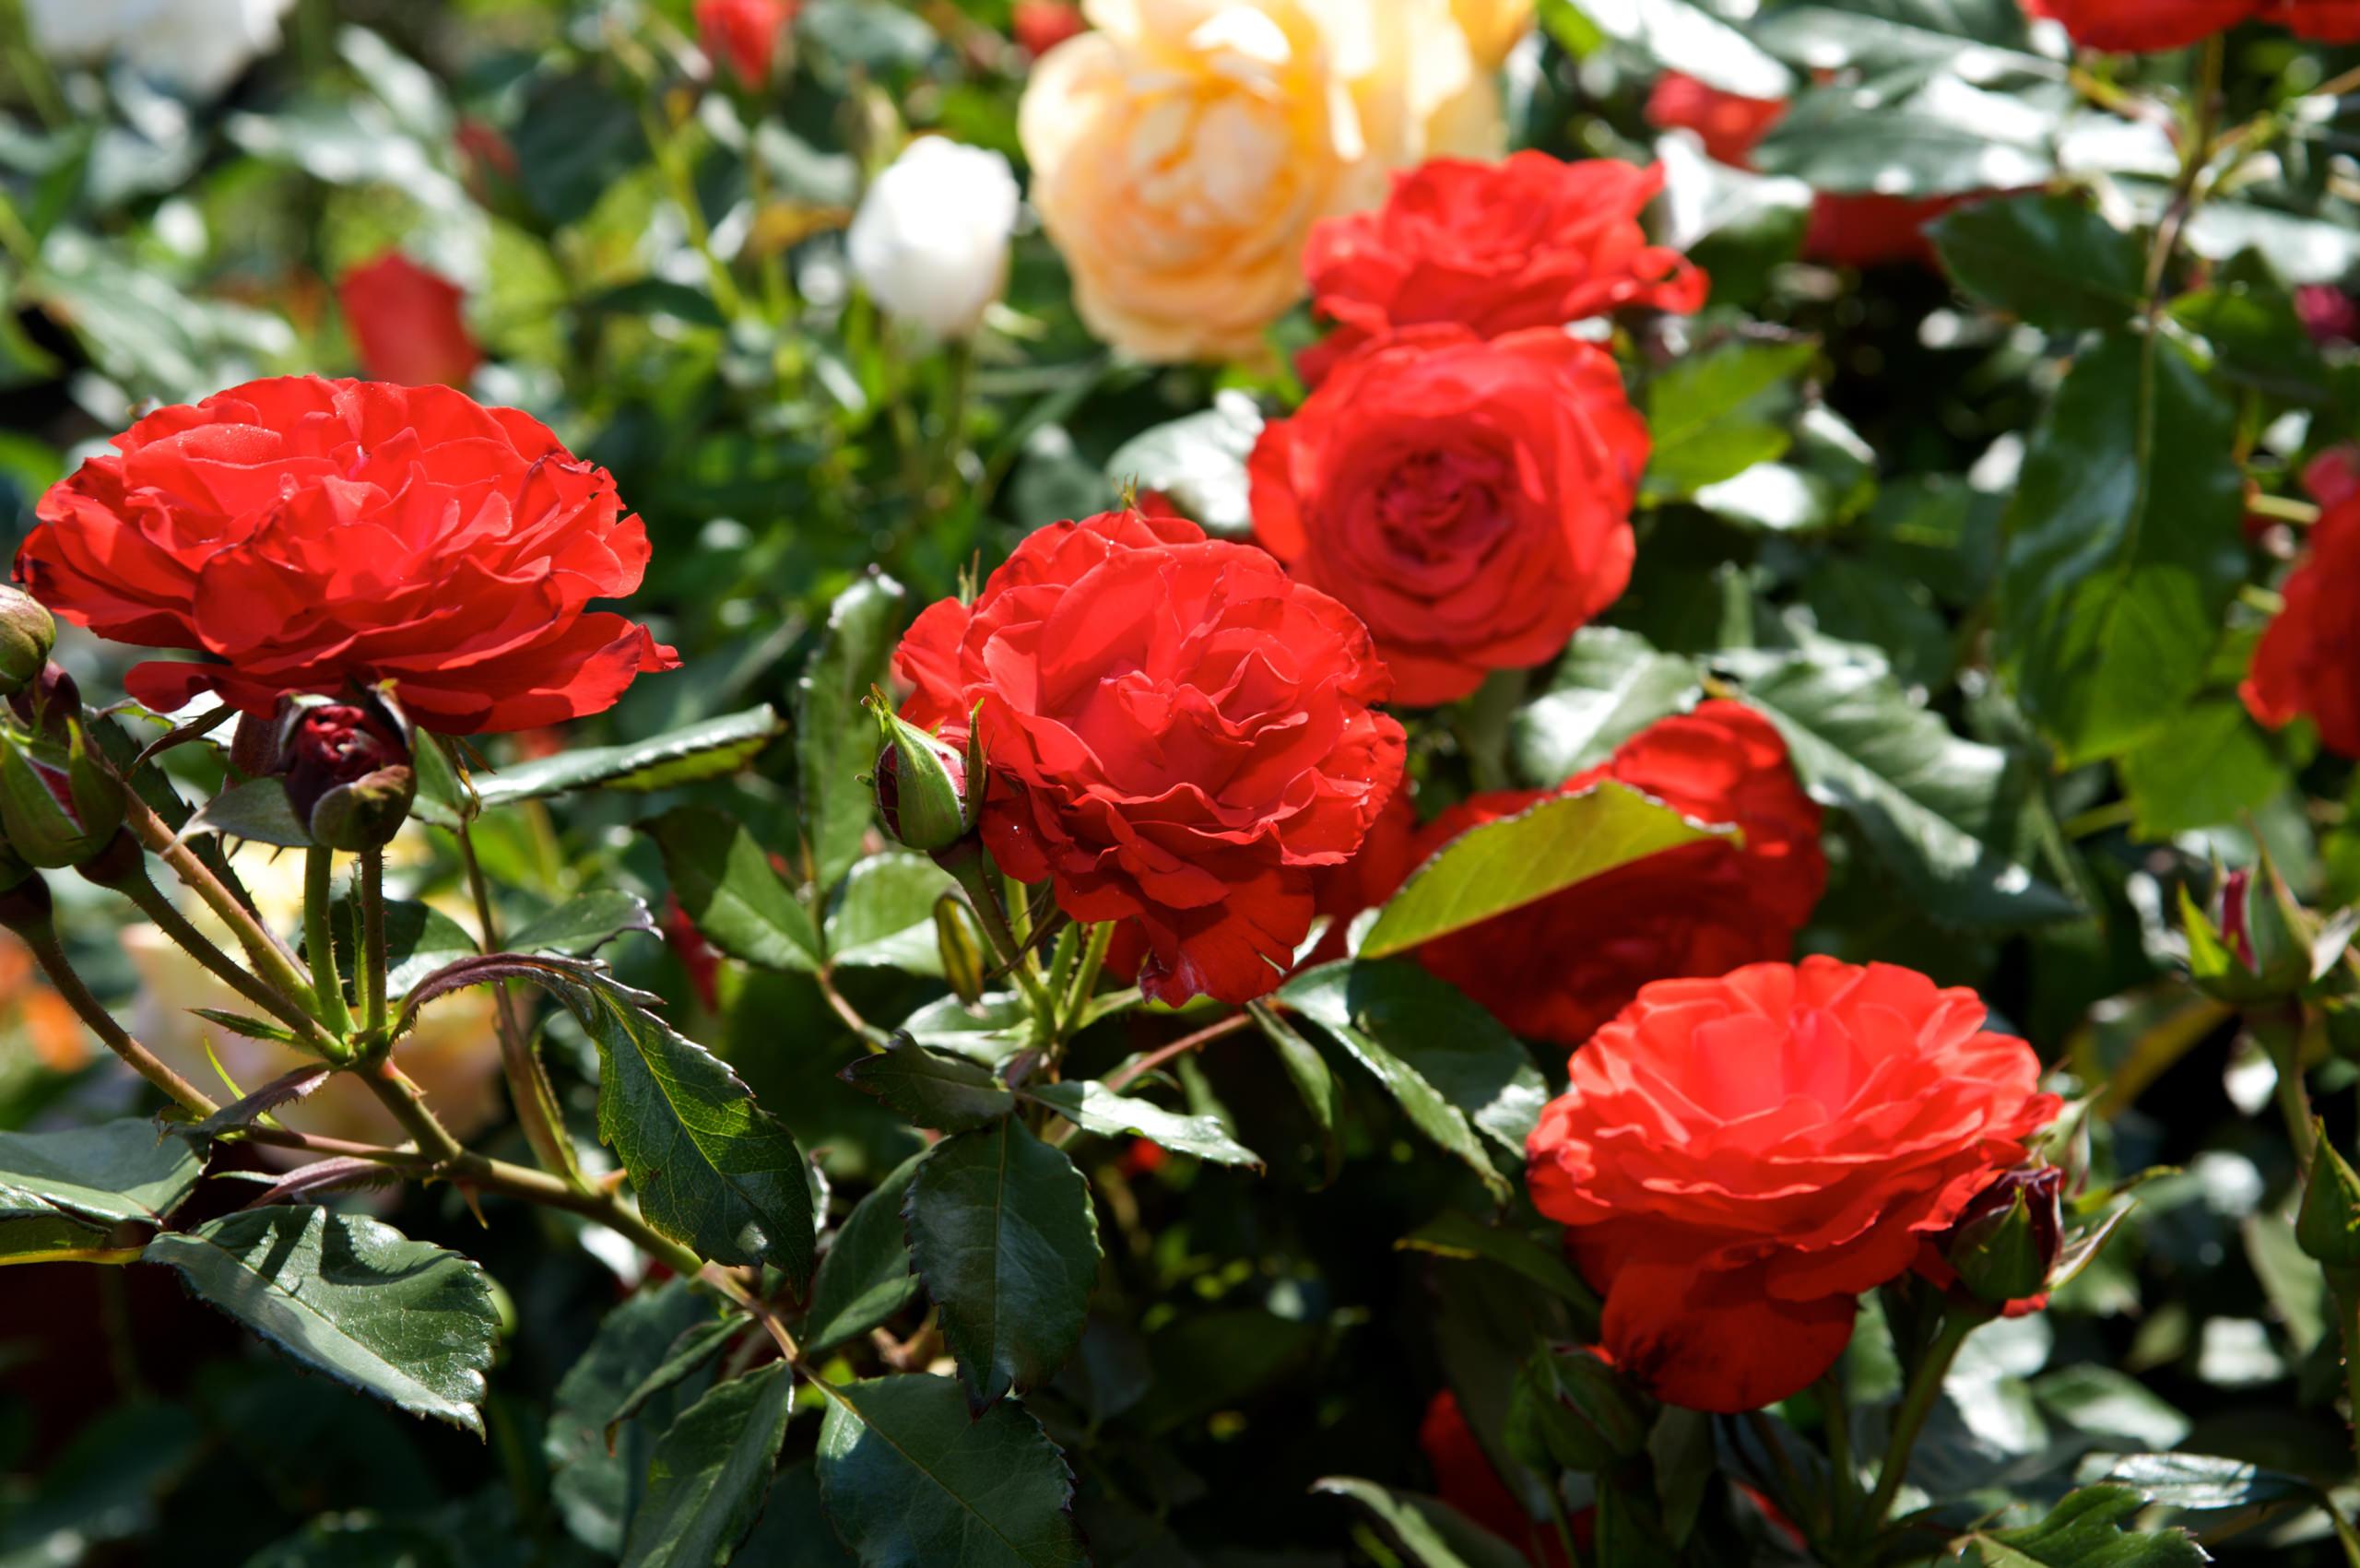 Rote Rosen der Manz Gartenwelt in Stühlingen-Schwerzen am Hochrhein.